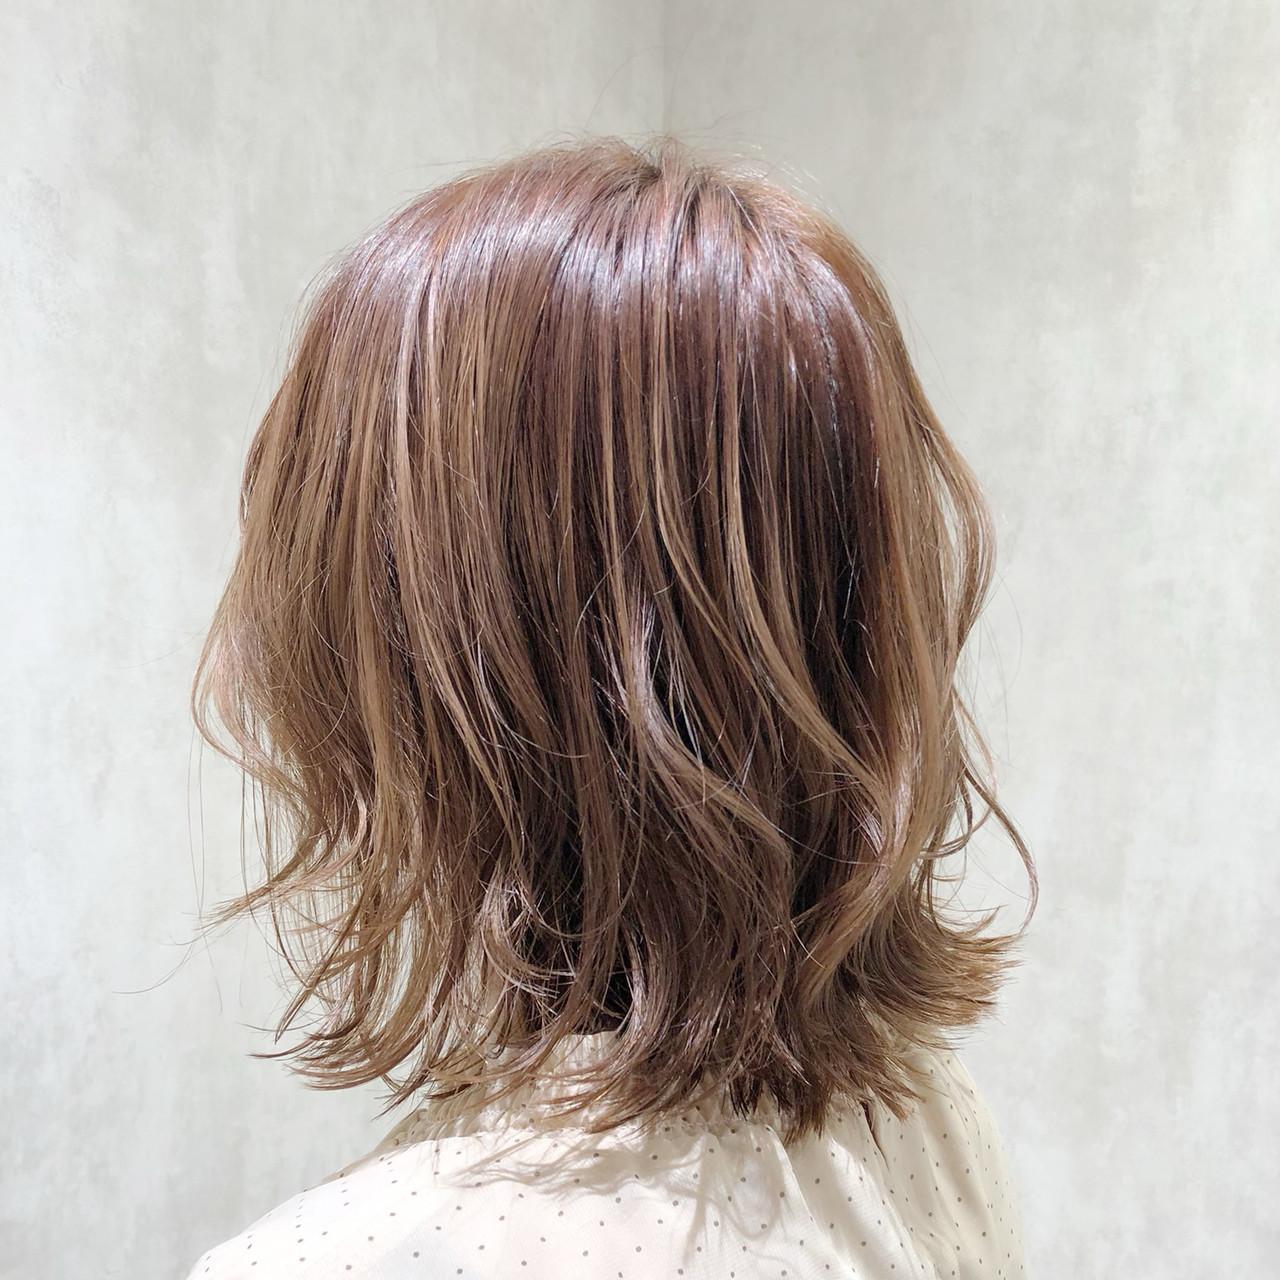 ボブ ショートボブ インナーカラー フェミニン ヘアスタイルや髪型の写真・画像